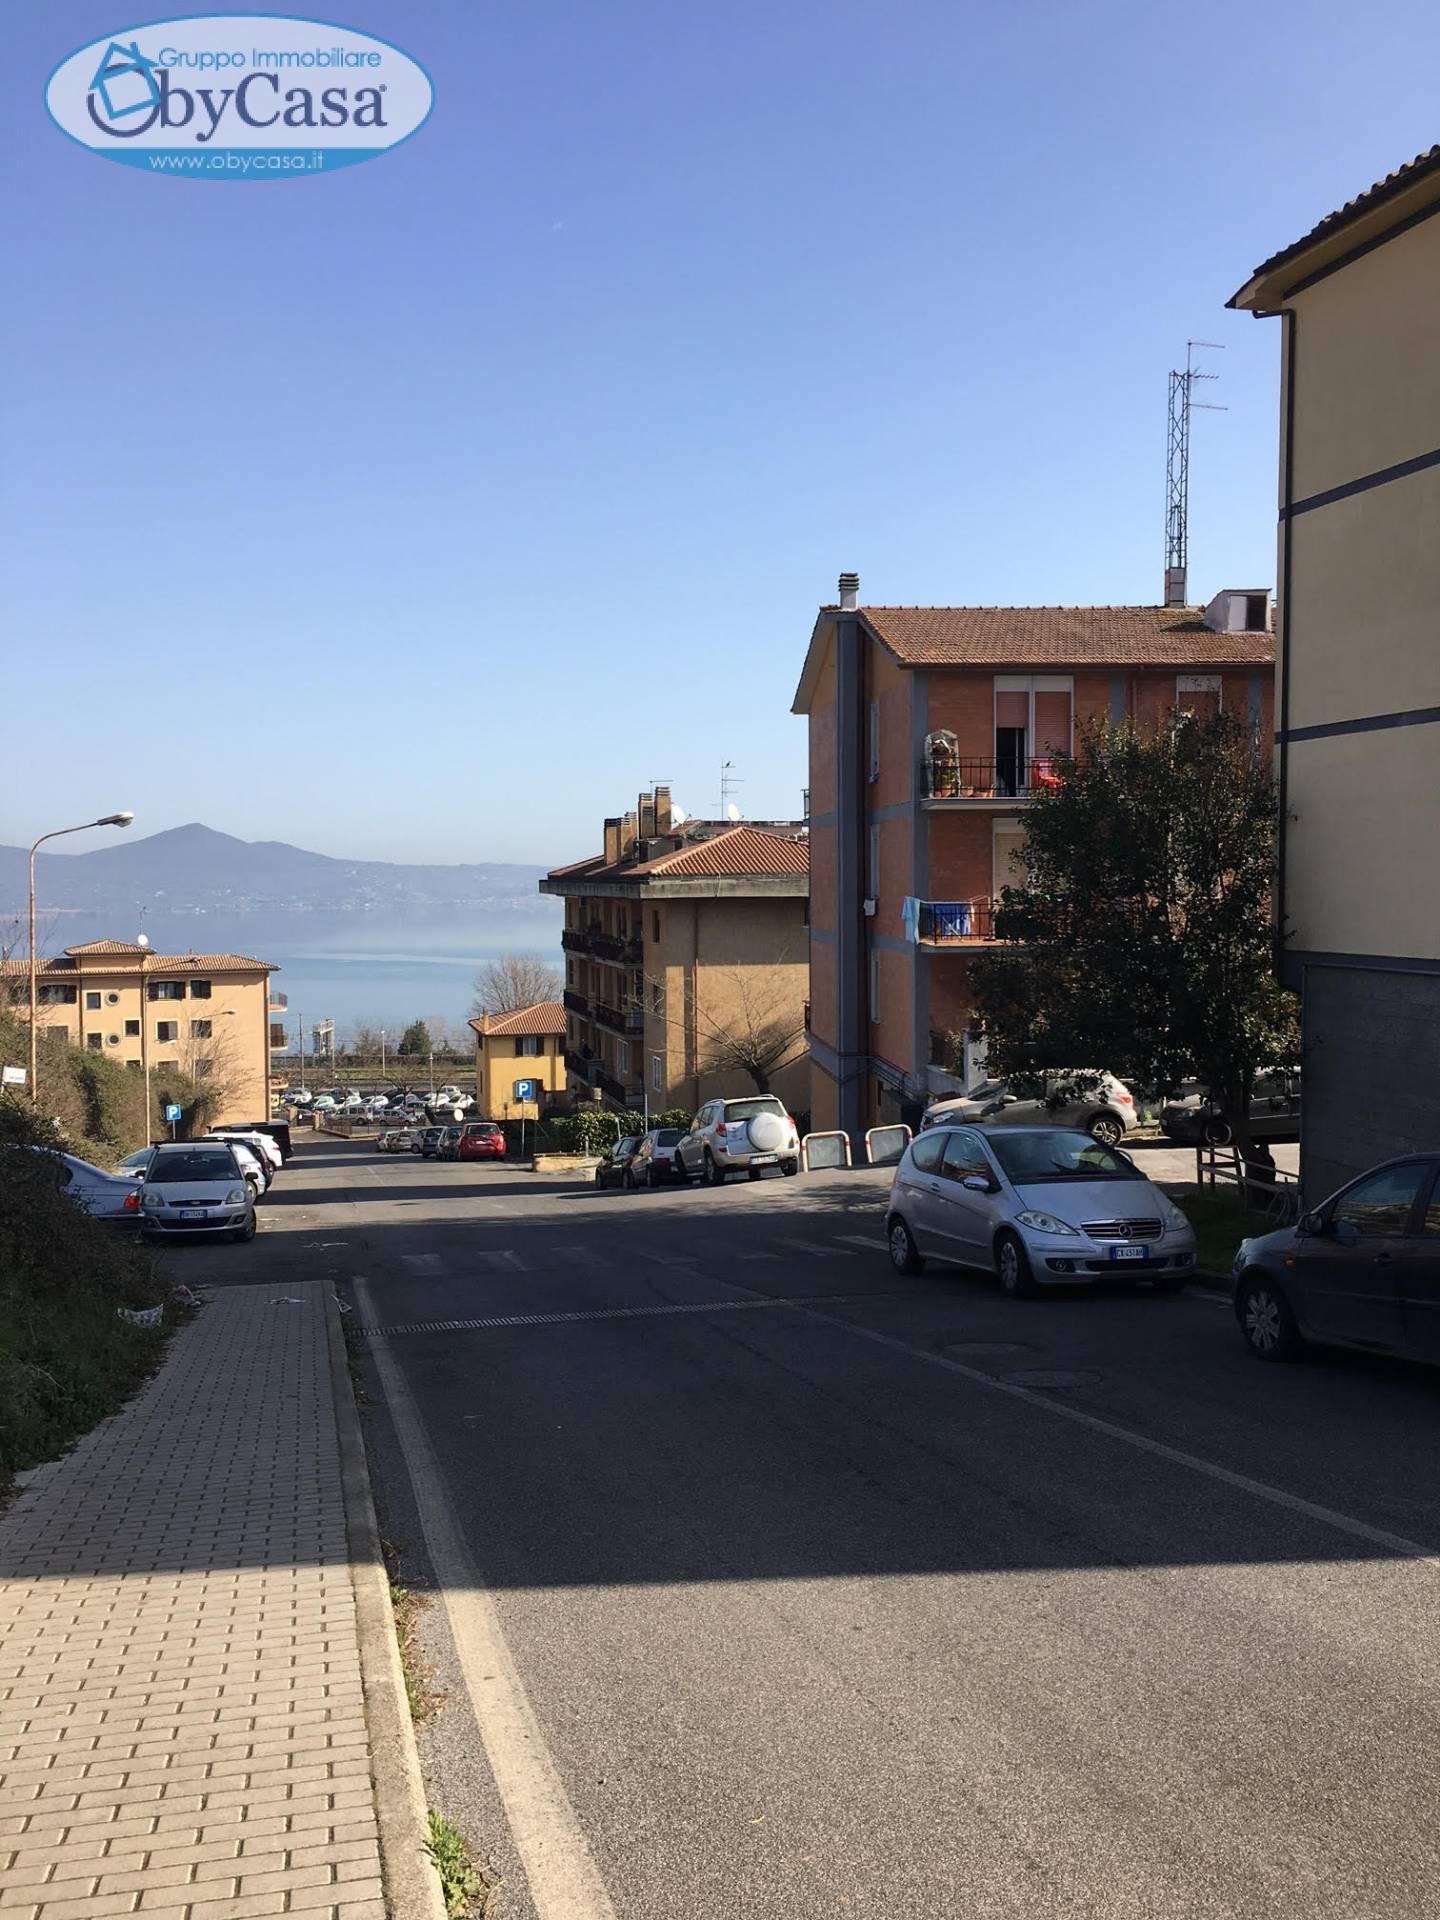 Appartamento in vendita a Bracciano, 3 locali, zona Zona: Stazione, prezzo € 140.000 | CambioCasa.it